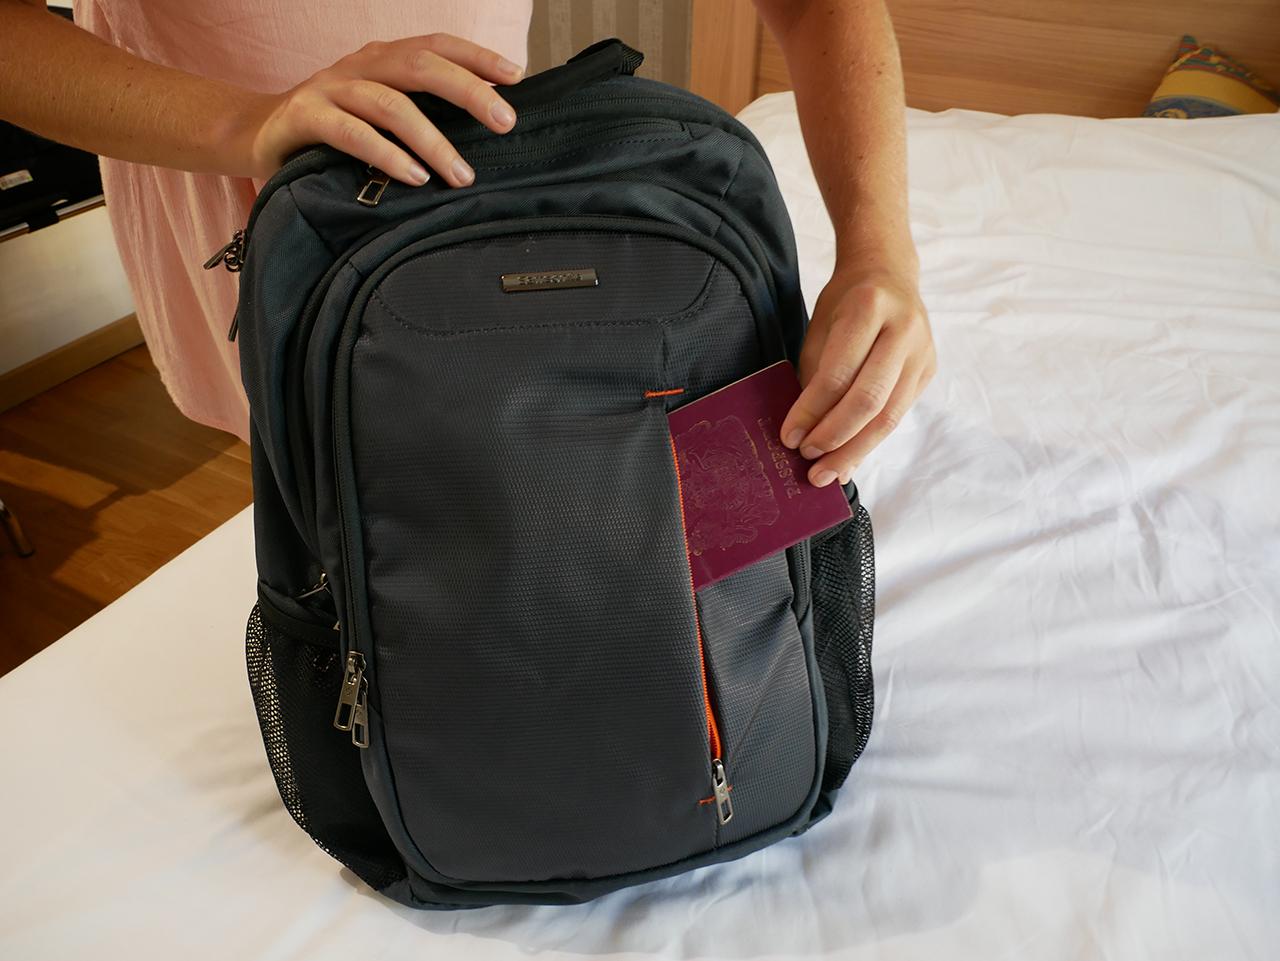 samsonite guardit laptop backpack review